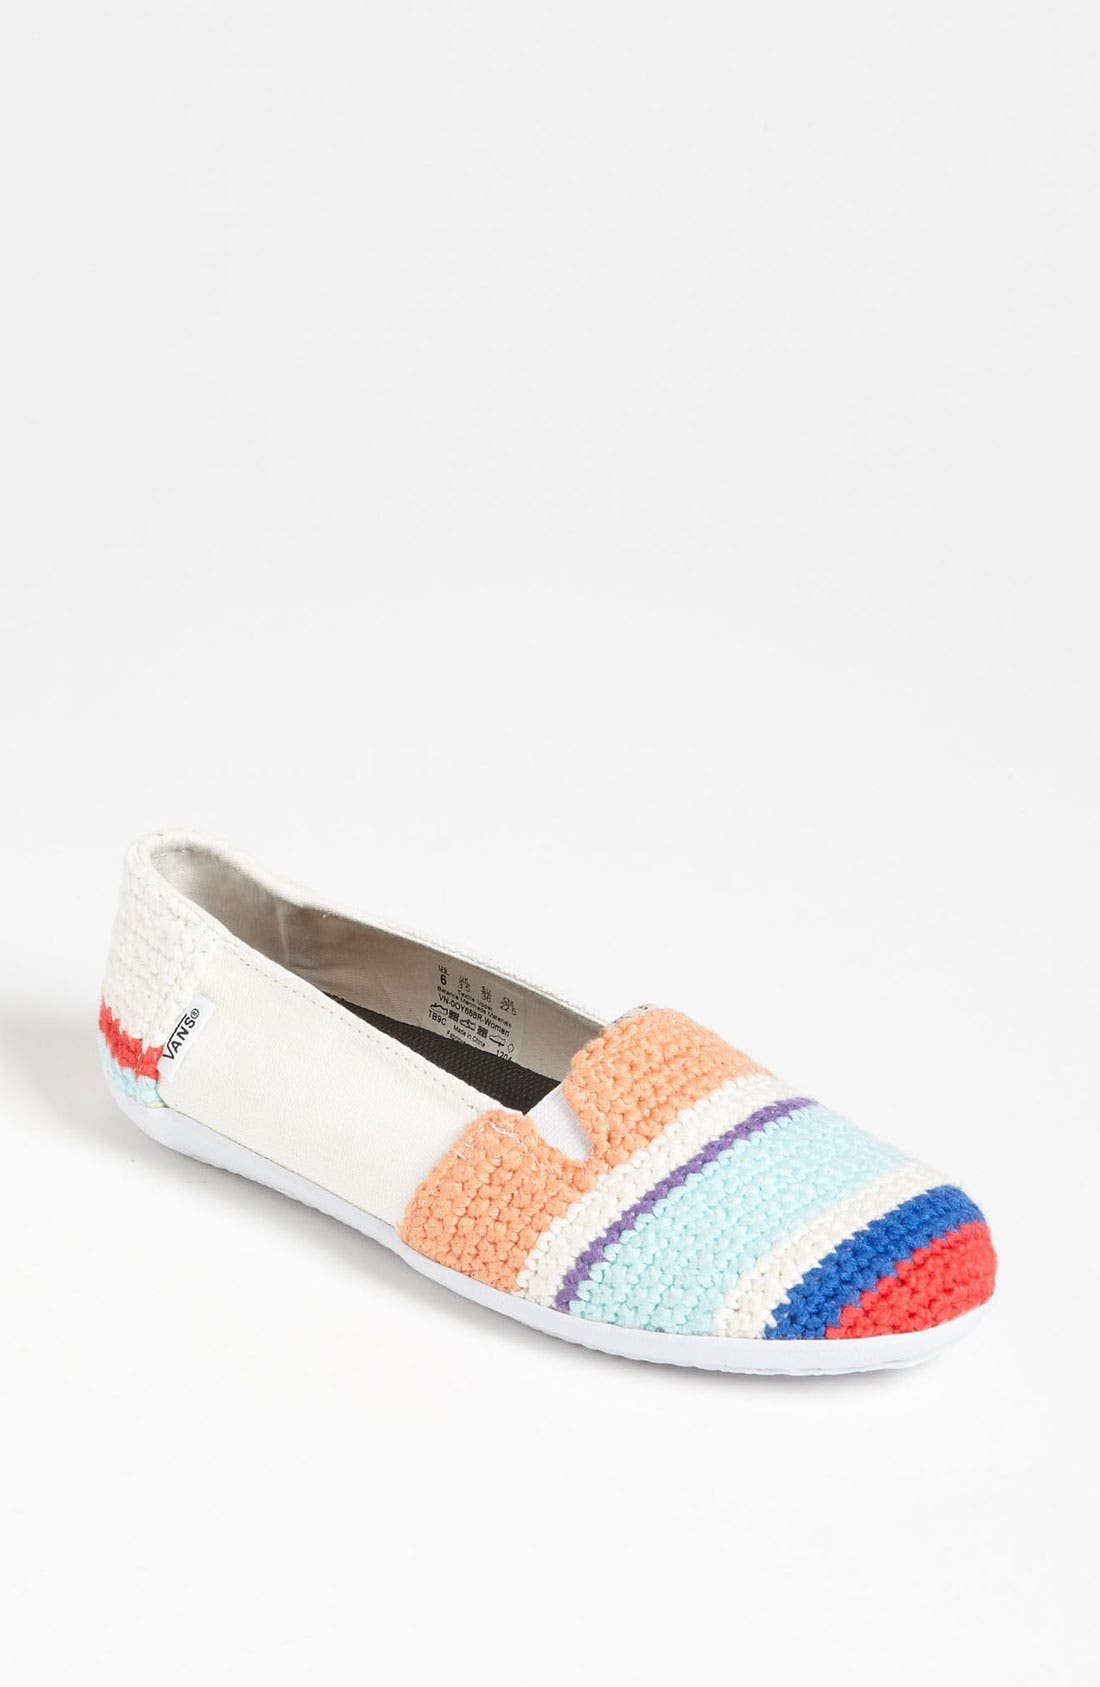 Alternate Image 1 Selected - Vans + Krochet Kids 'Bixie' Crochet Slip-On